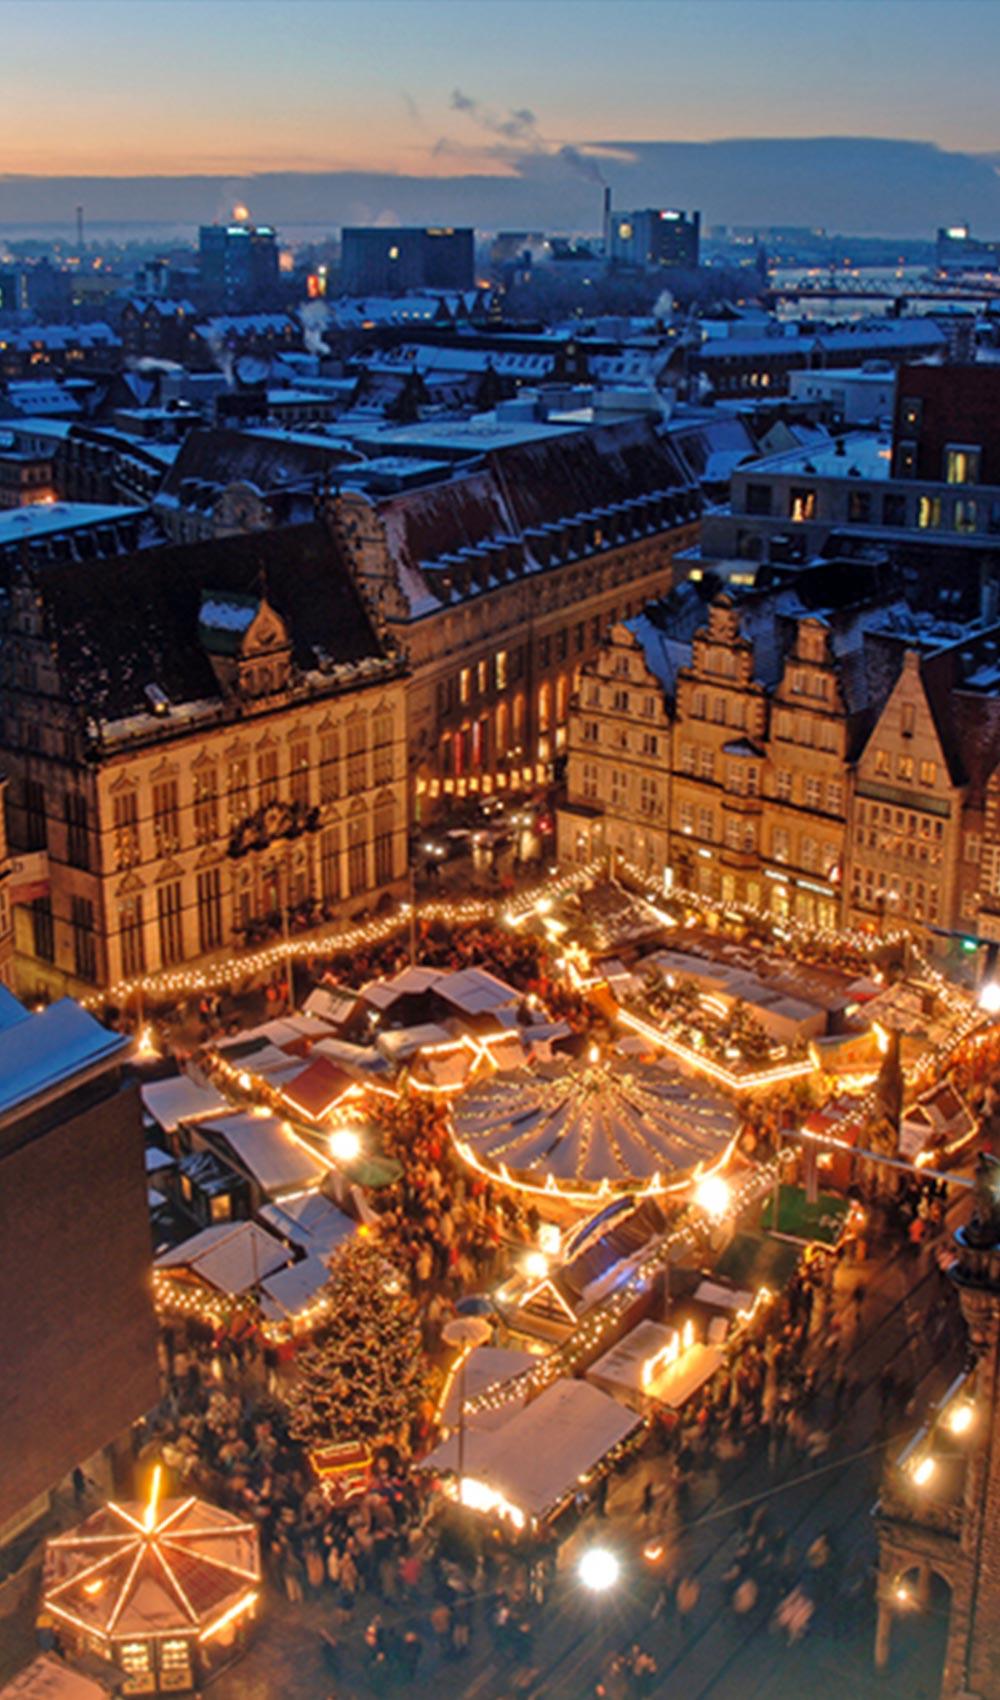 Wann Ist Der Weihnachtsmarkt.Weihnachtsmarkt Bremen Der Schönste Weihnachtsmarkt Im Norden